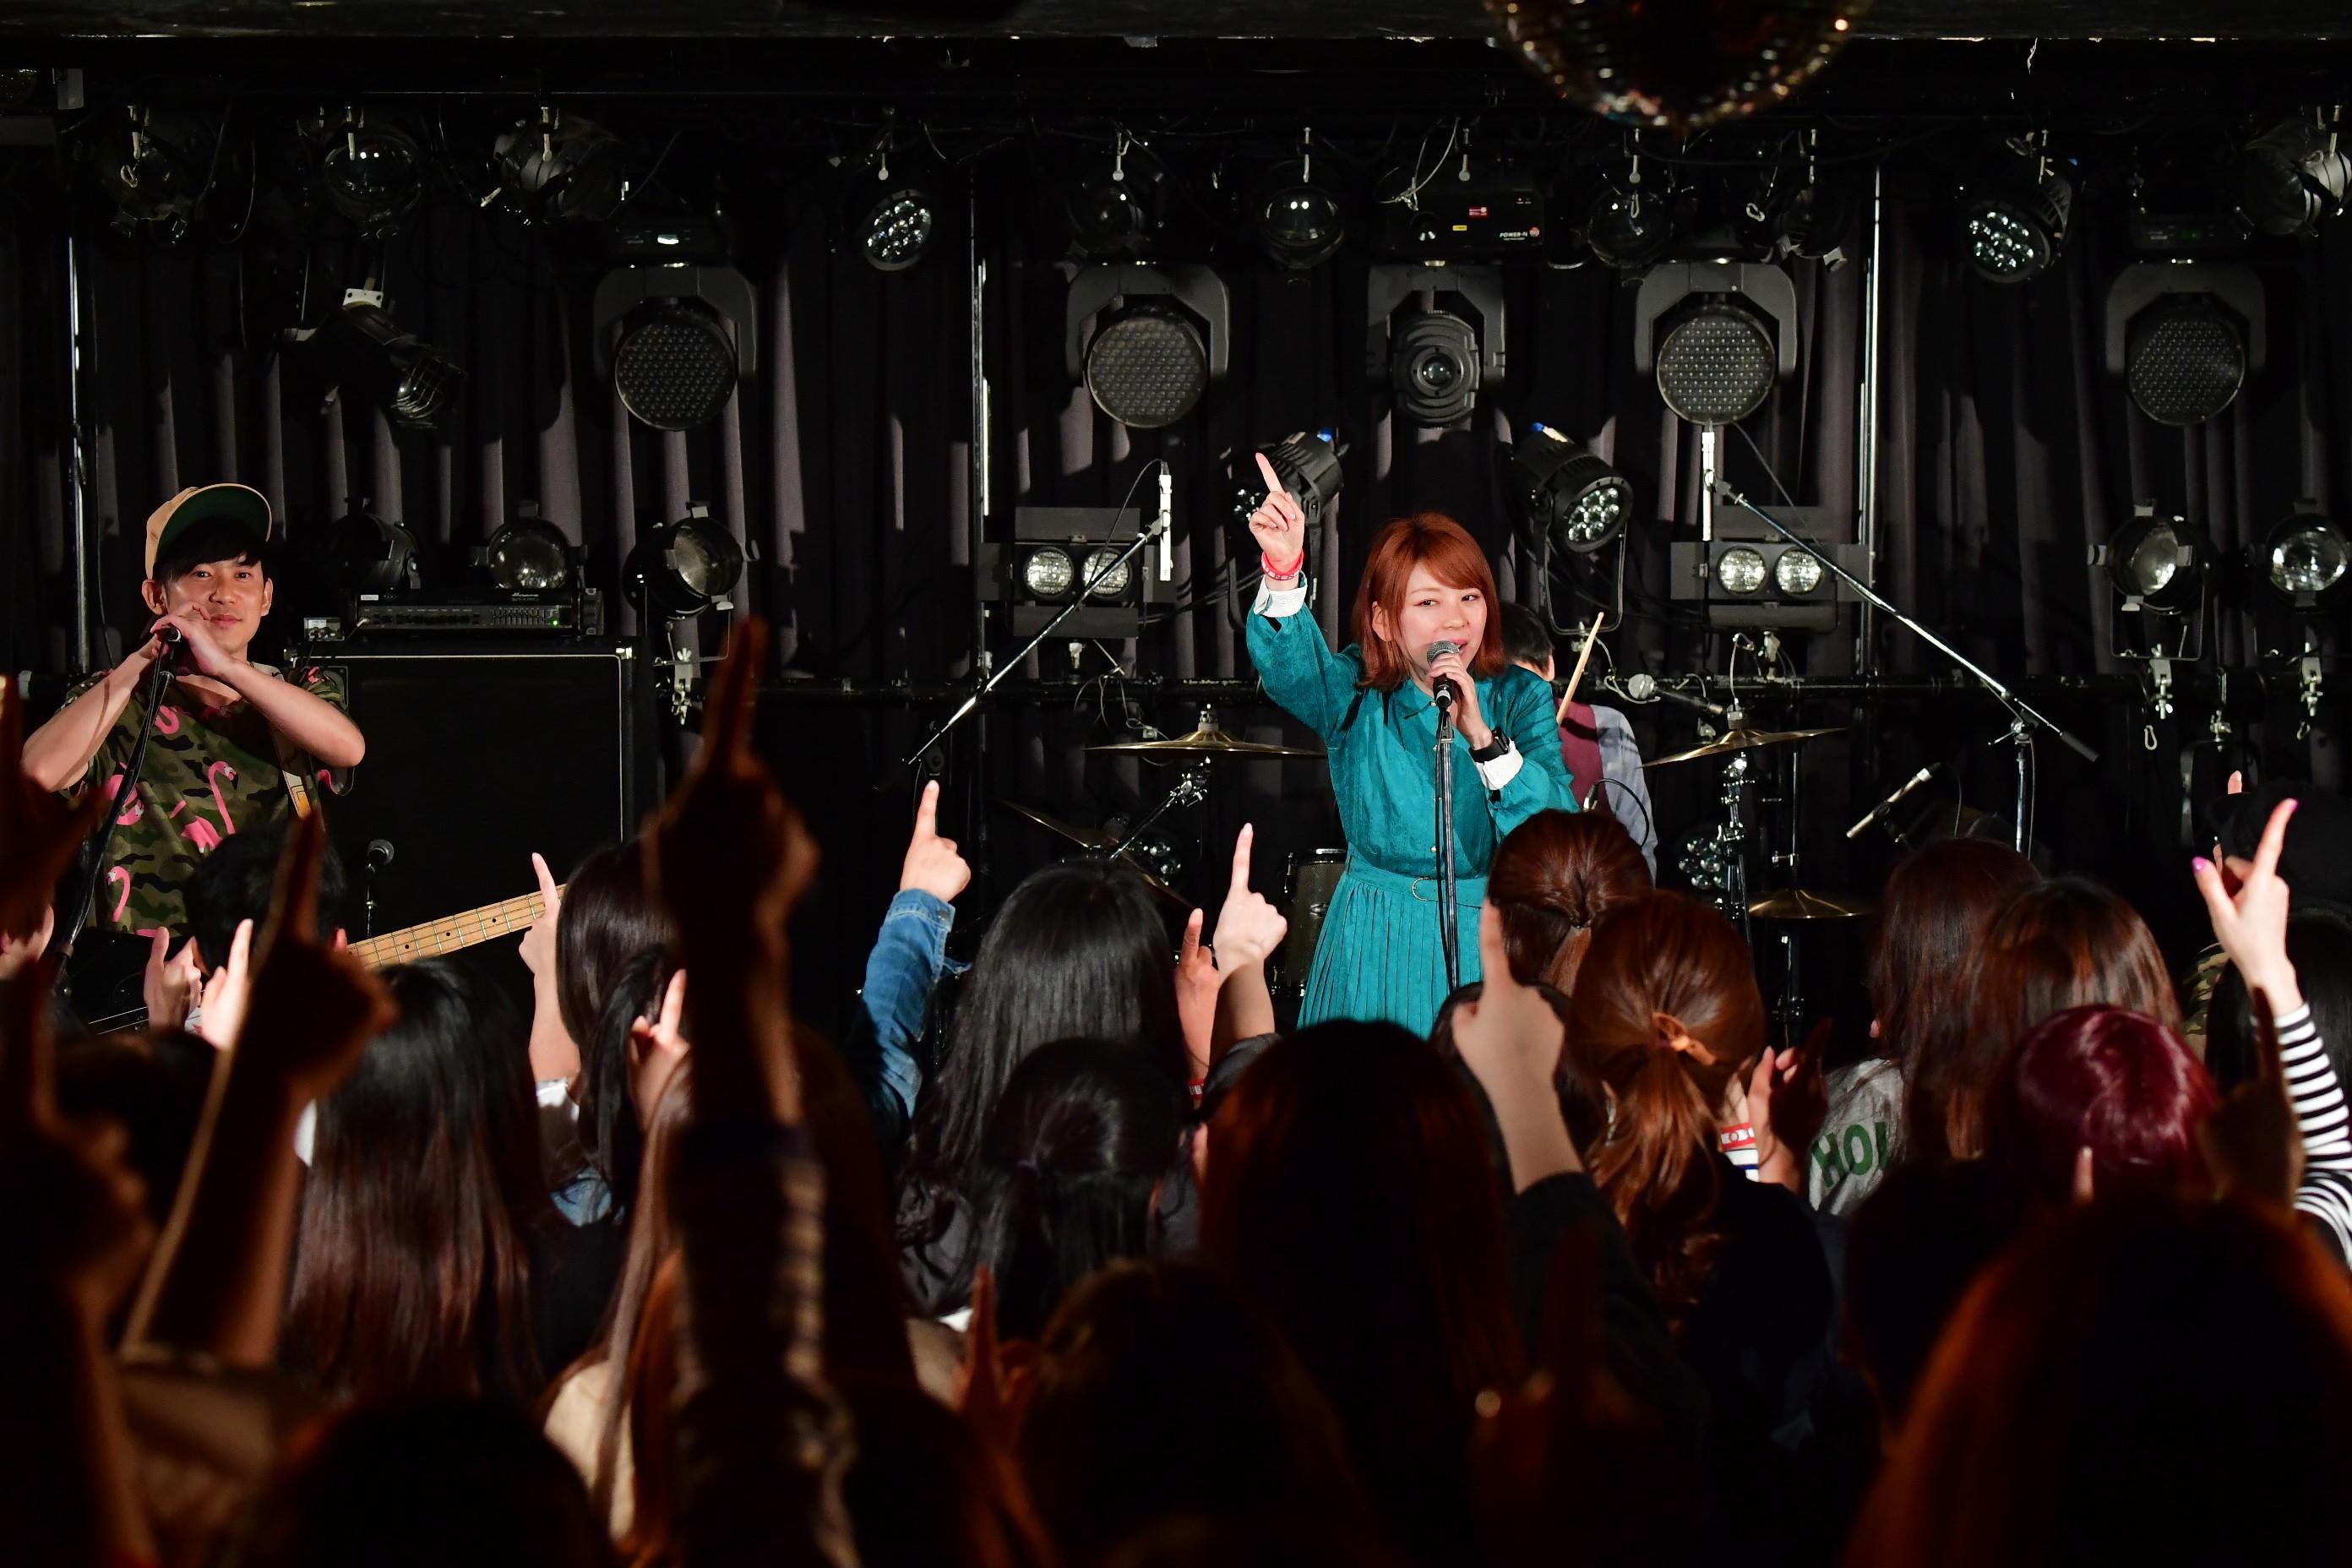 http://news.yoshimoto.co.jp/20180331125536-ca8ff80d9f1c7e648d089c95b0c2a6ab249b5026.jpg